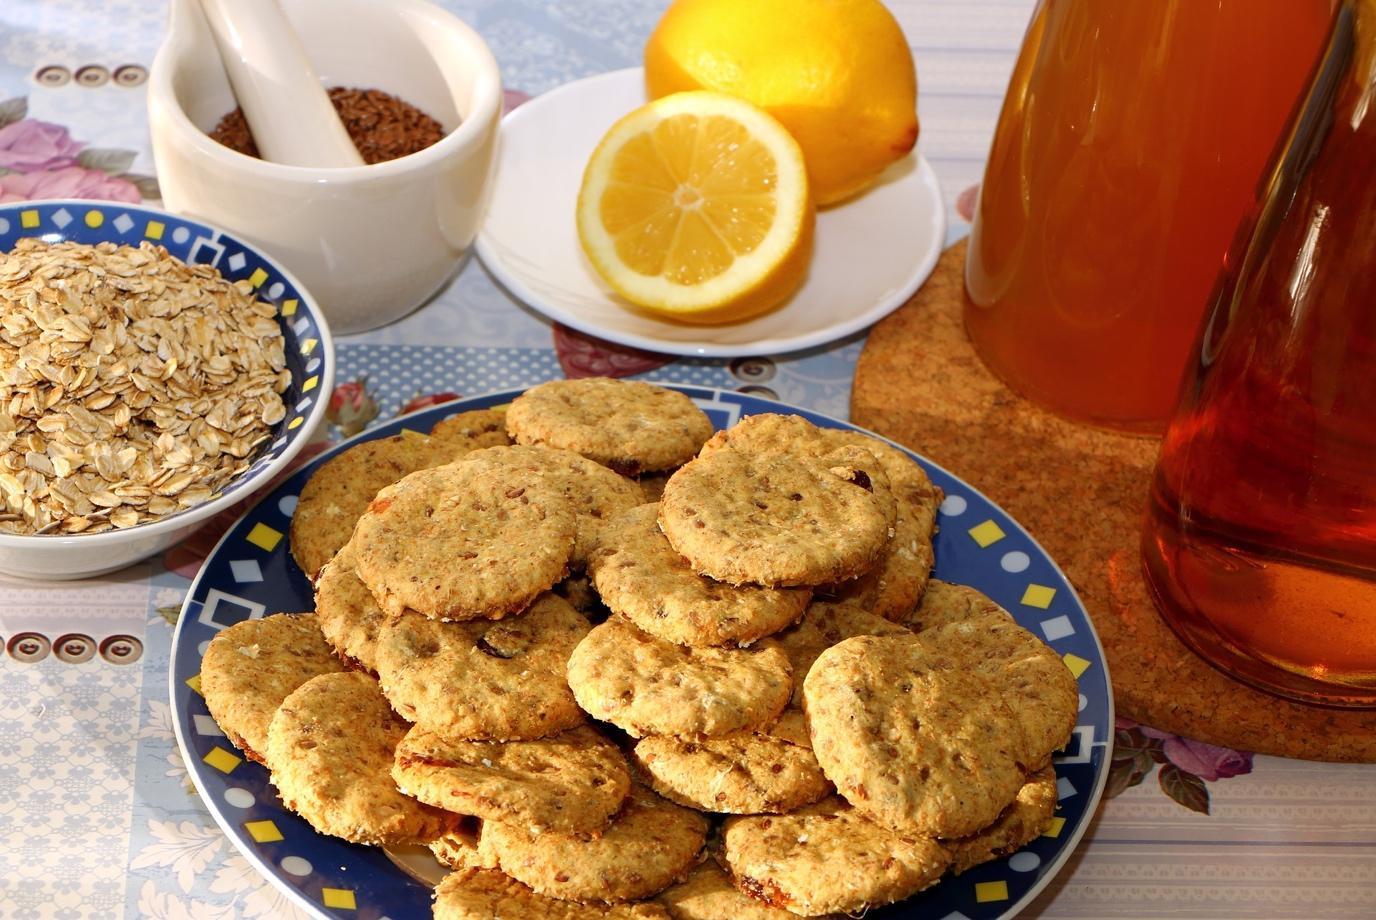 imagem de biscoitos de aveia